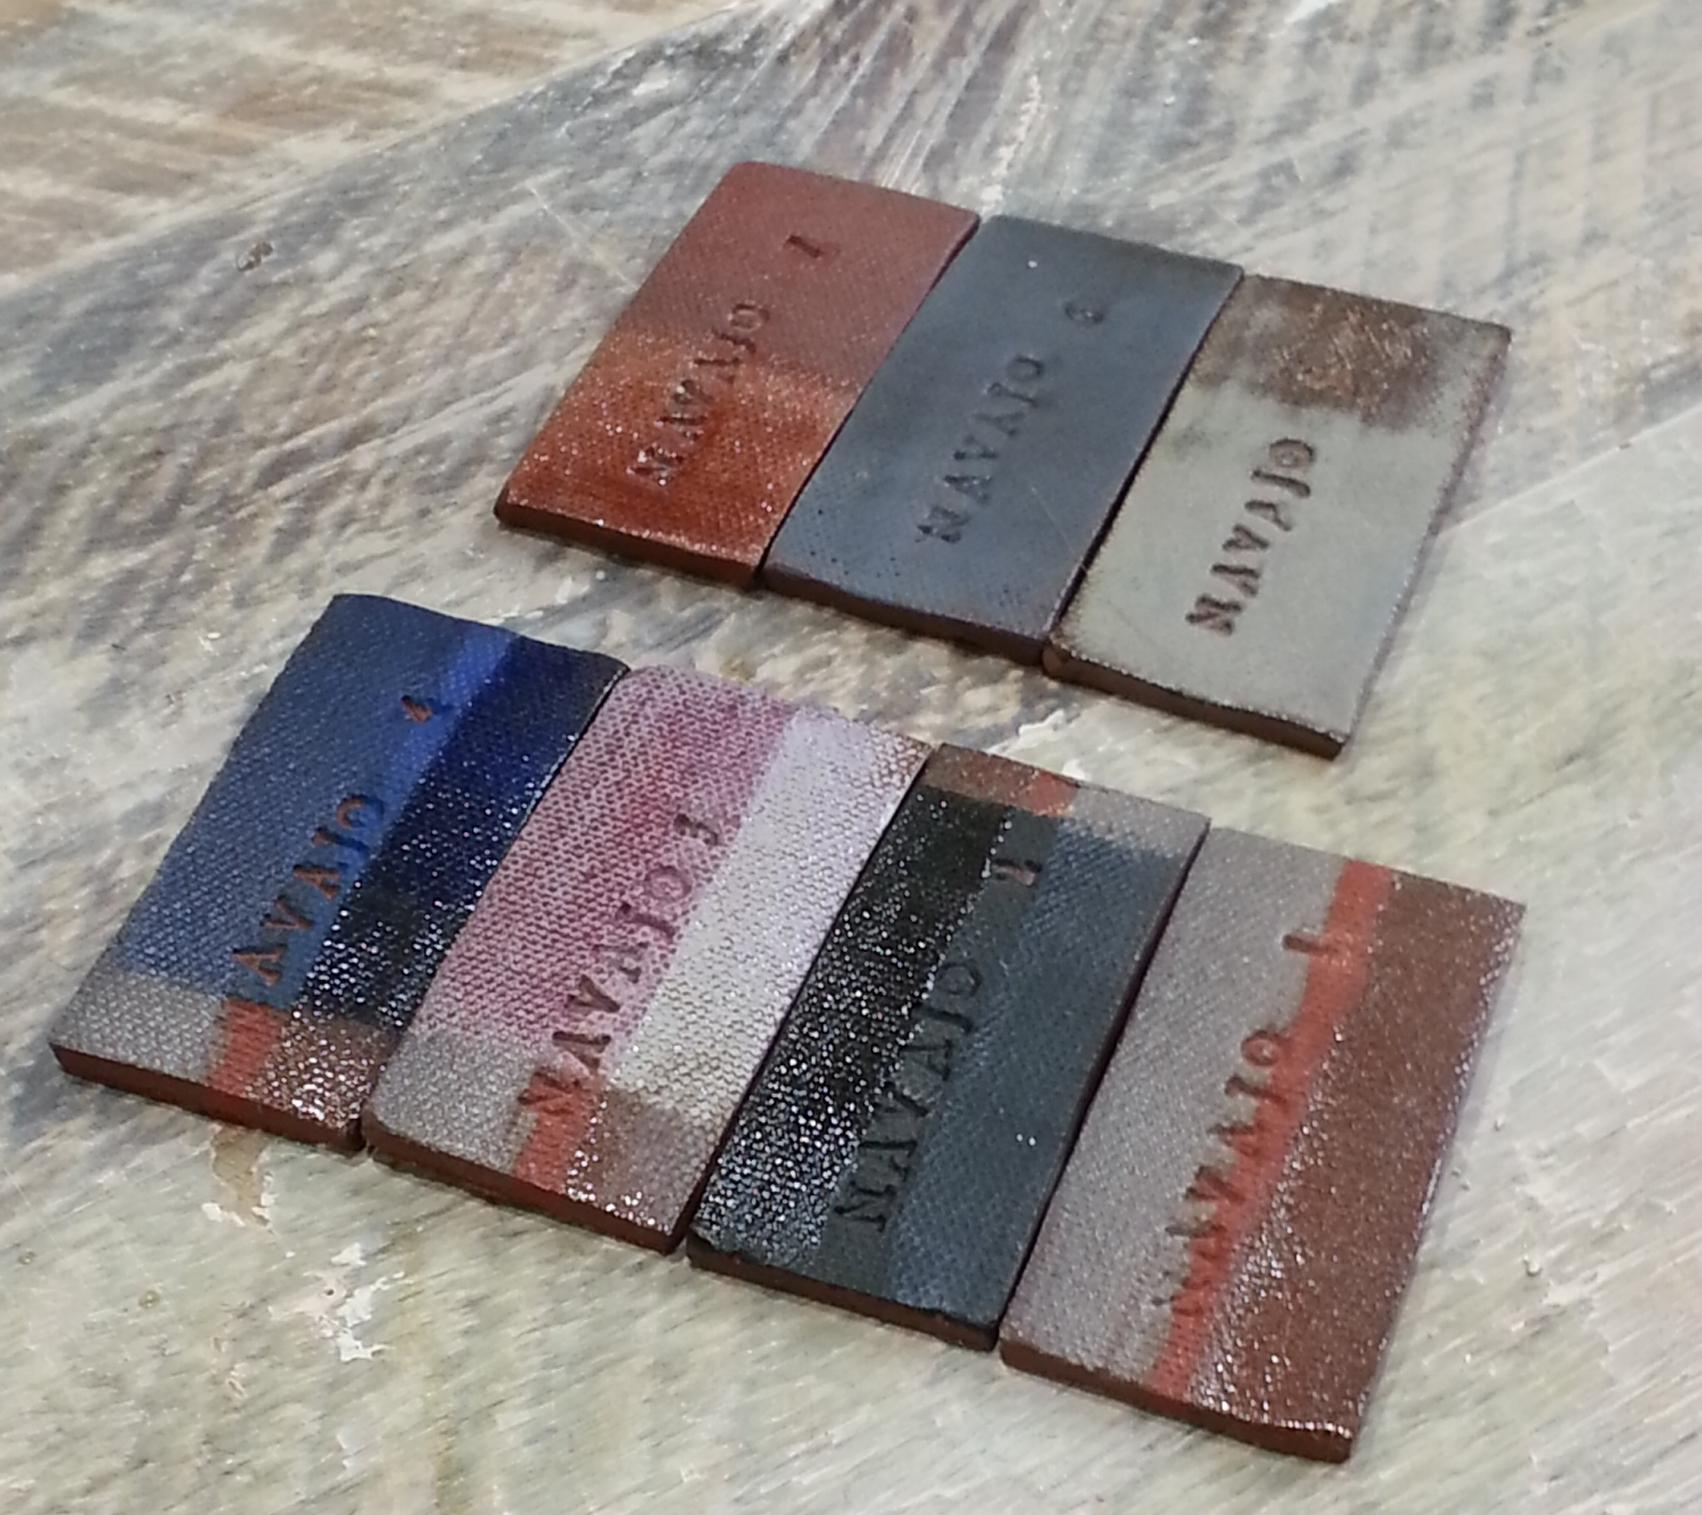 Navajo Wheel clay color test tiles -